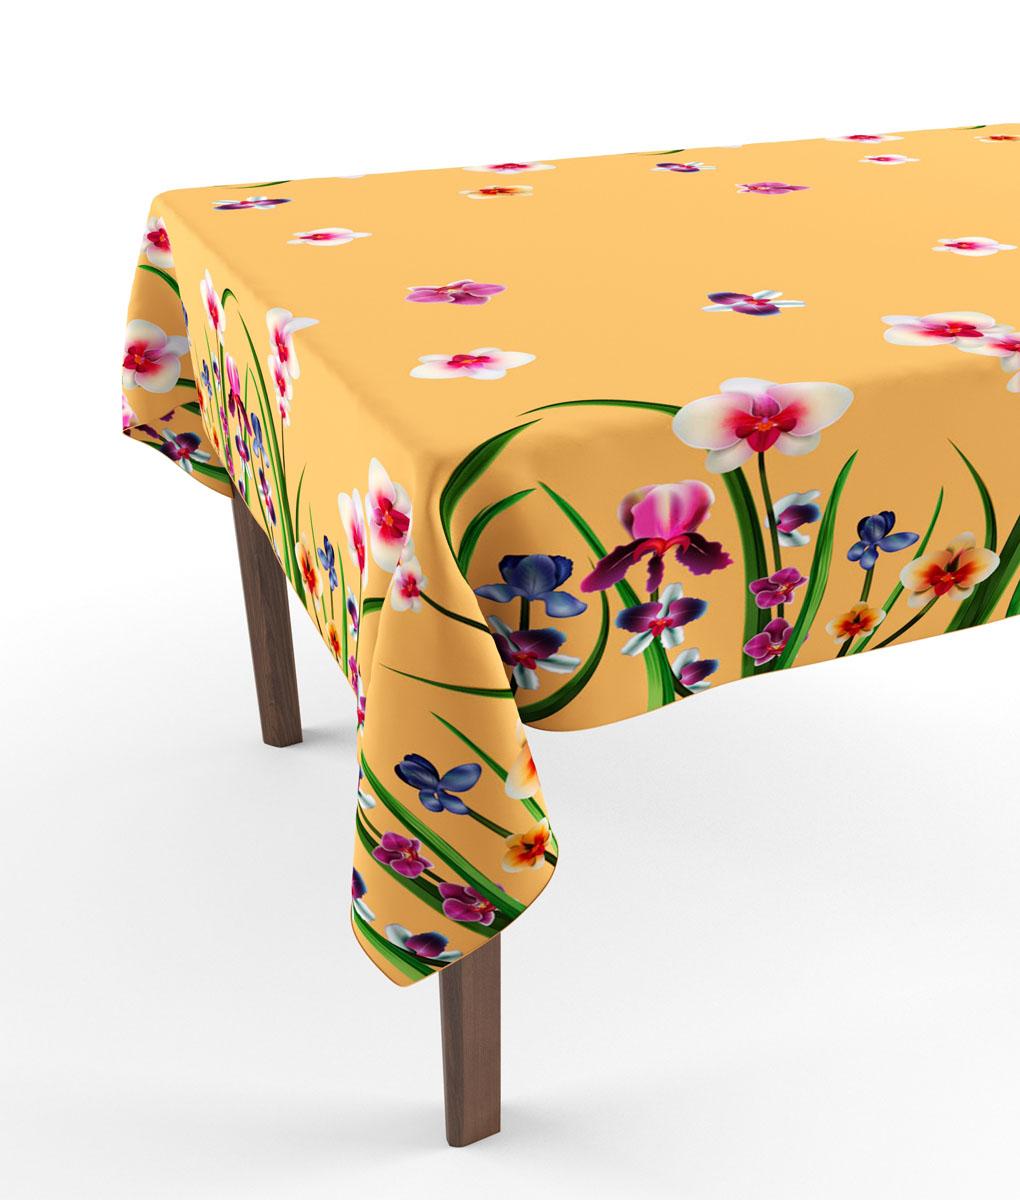 Скатерть Сирень Жемчужные цветы 3, прямоугольная, 145 x 120 смVT-1520(SR)Прямоугольная скатерть Сирень Жемчужные цветы с ярким и объемным рисунком, выполненная из габардина, преобразит вашу кухню, визуально расширит пространство, создаст атмосферу радости и комфорта. Рекомендации по уходу: стирка при 30 градусах, гладить при температуре до 110 градусов.Размер скатерти: 145 х 120 см. Изображение может немного отличаться от реального.